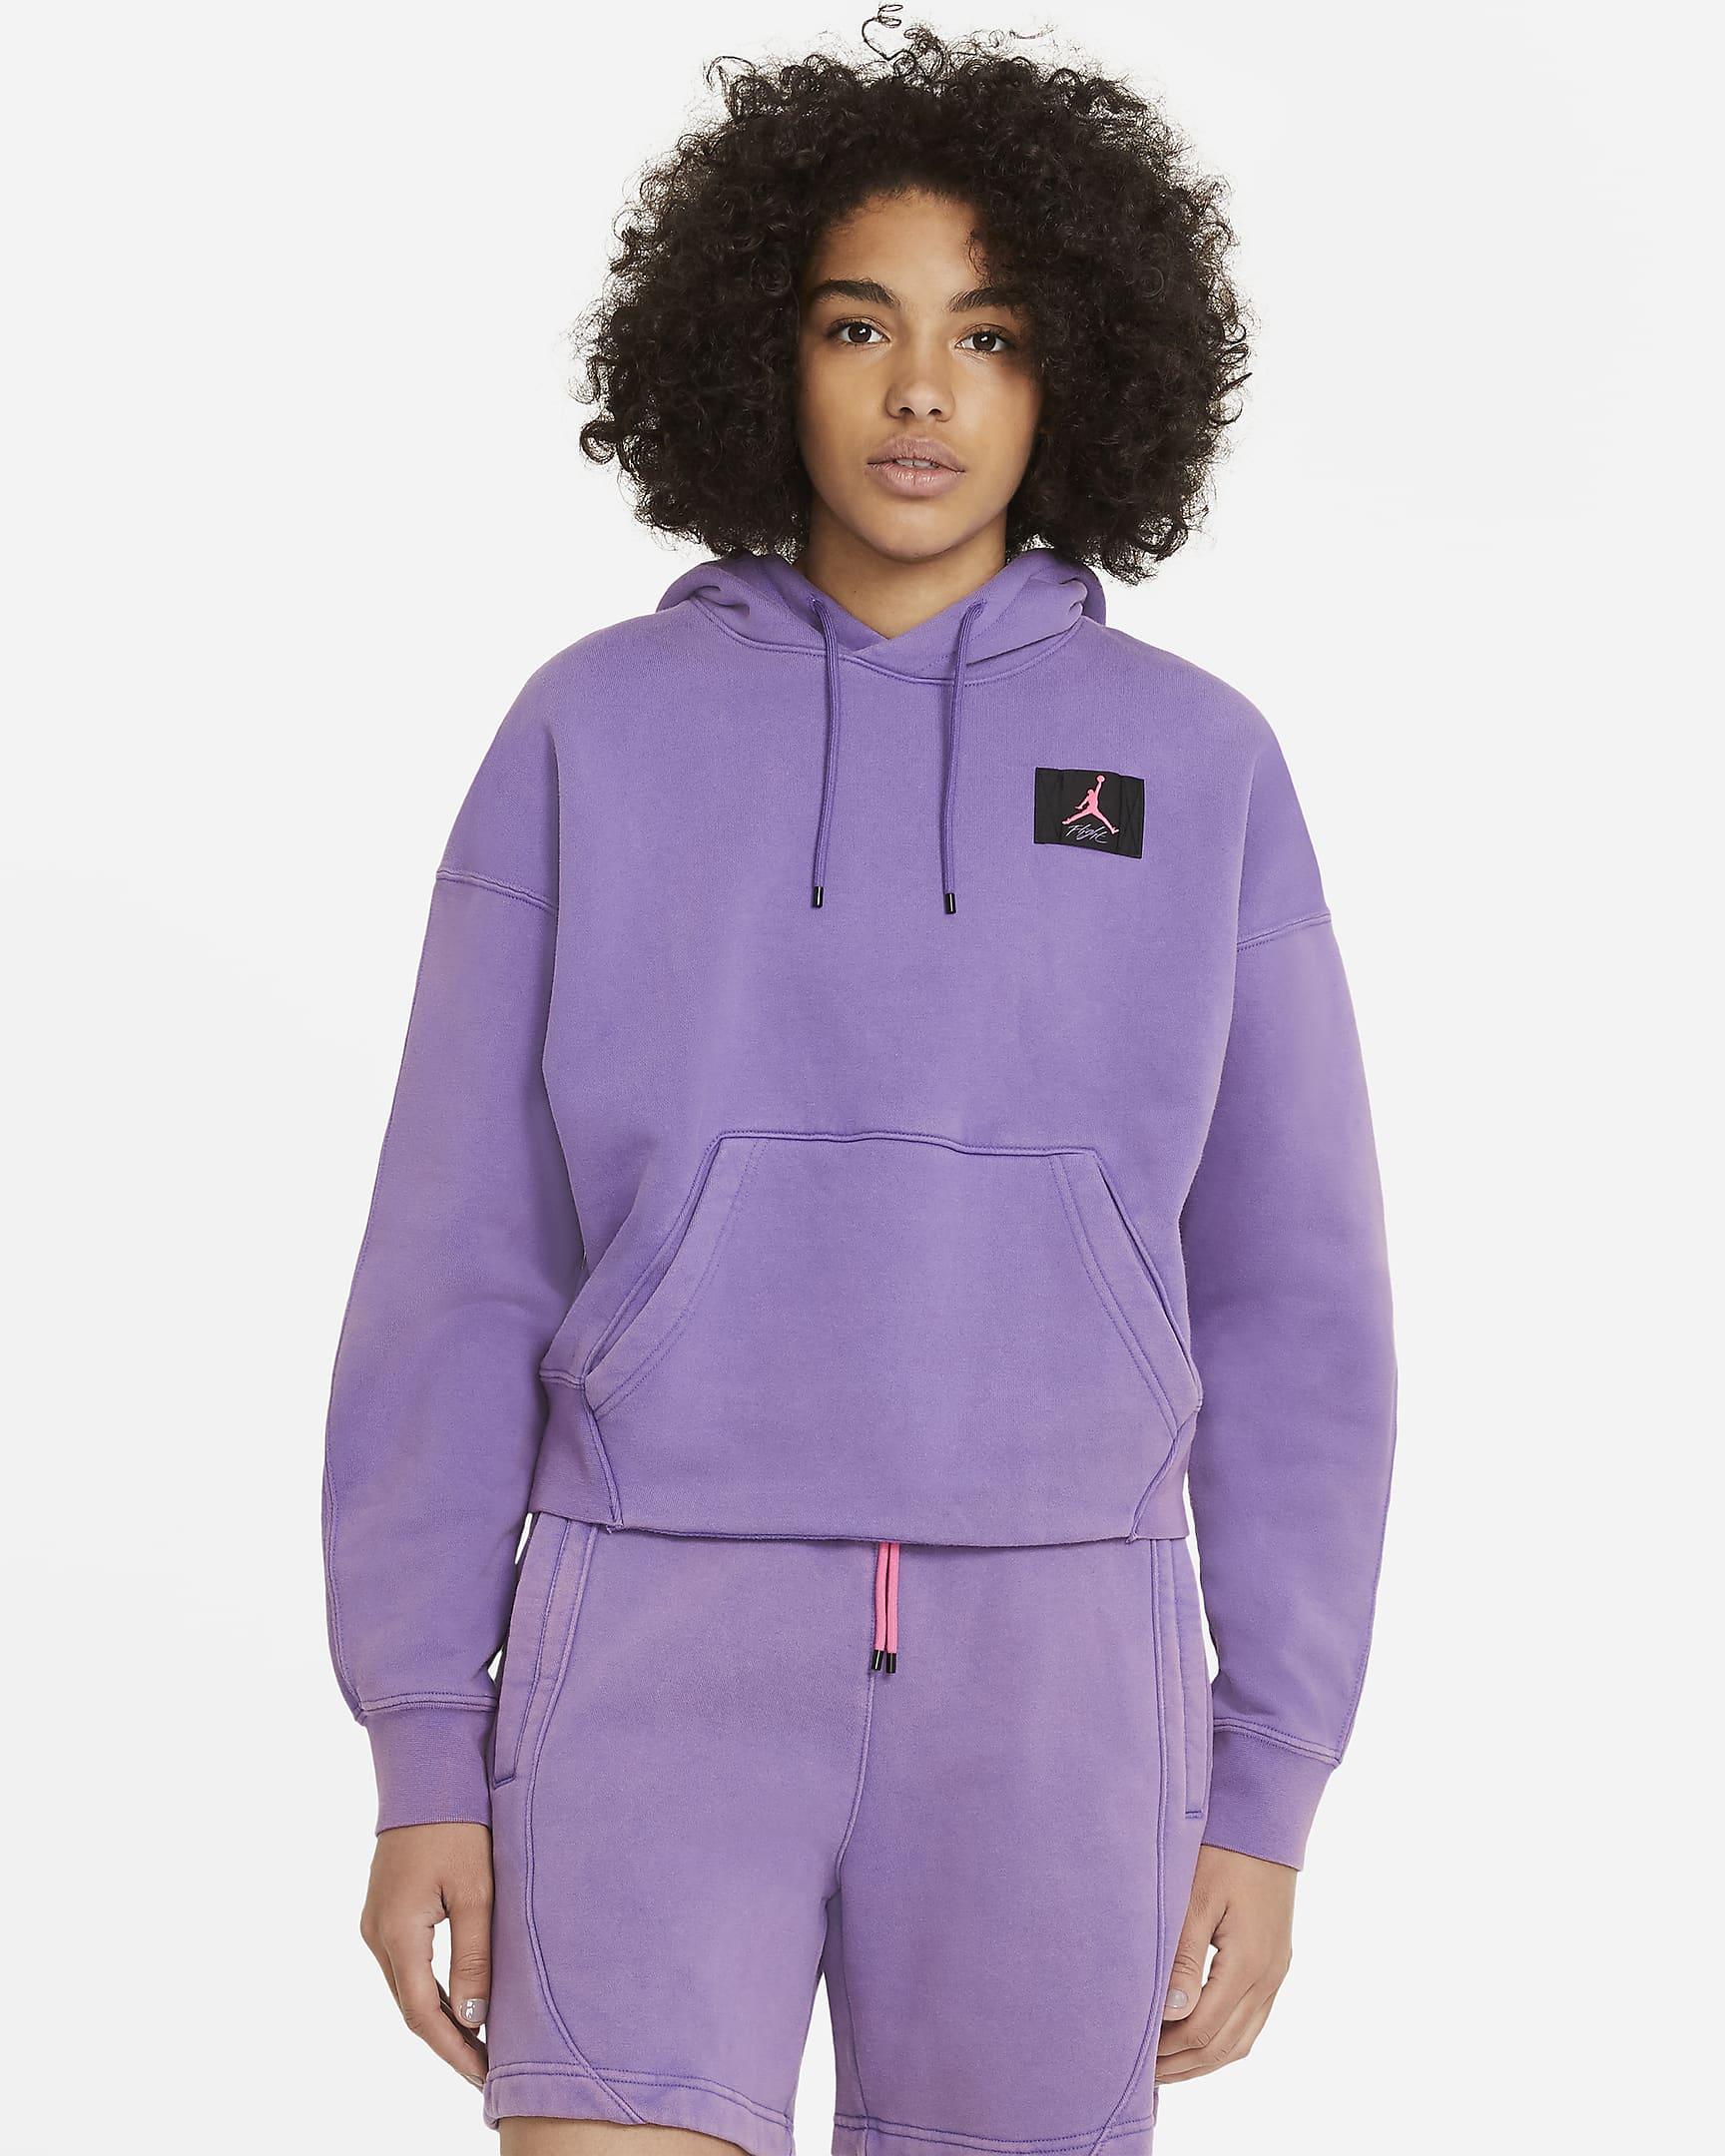 jordan-flight-womens-fleece-pullover-hoodie-wJP95l